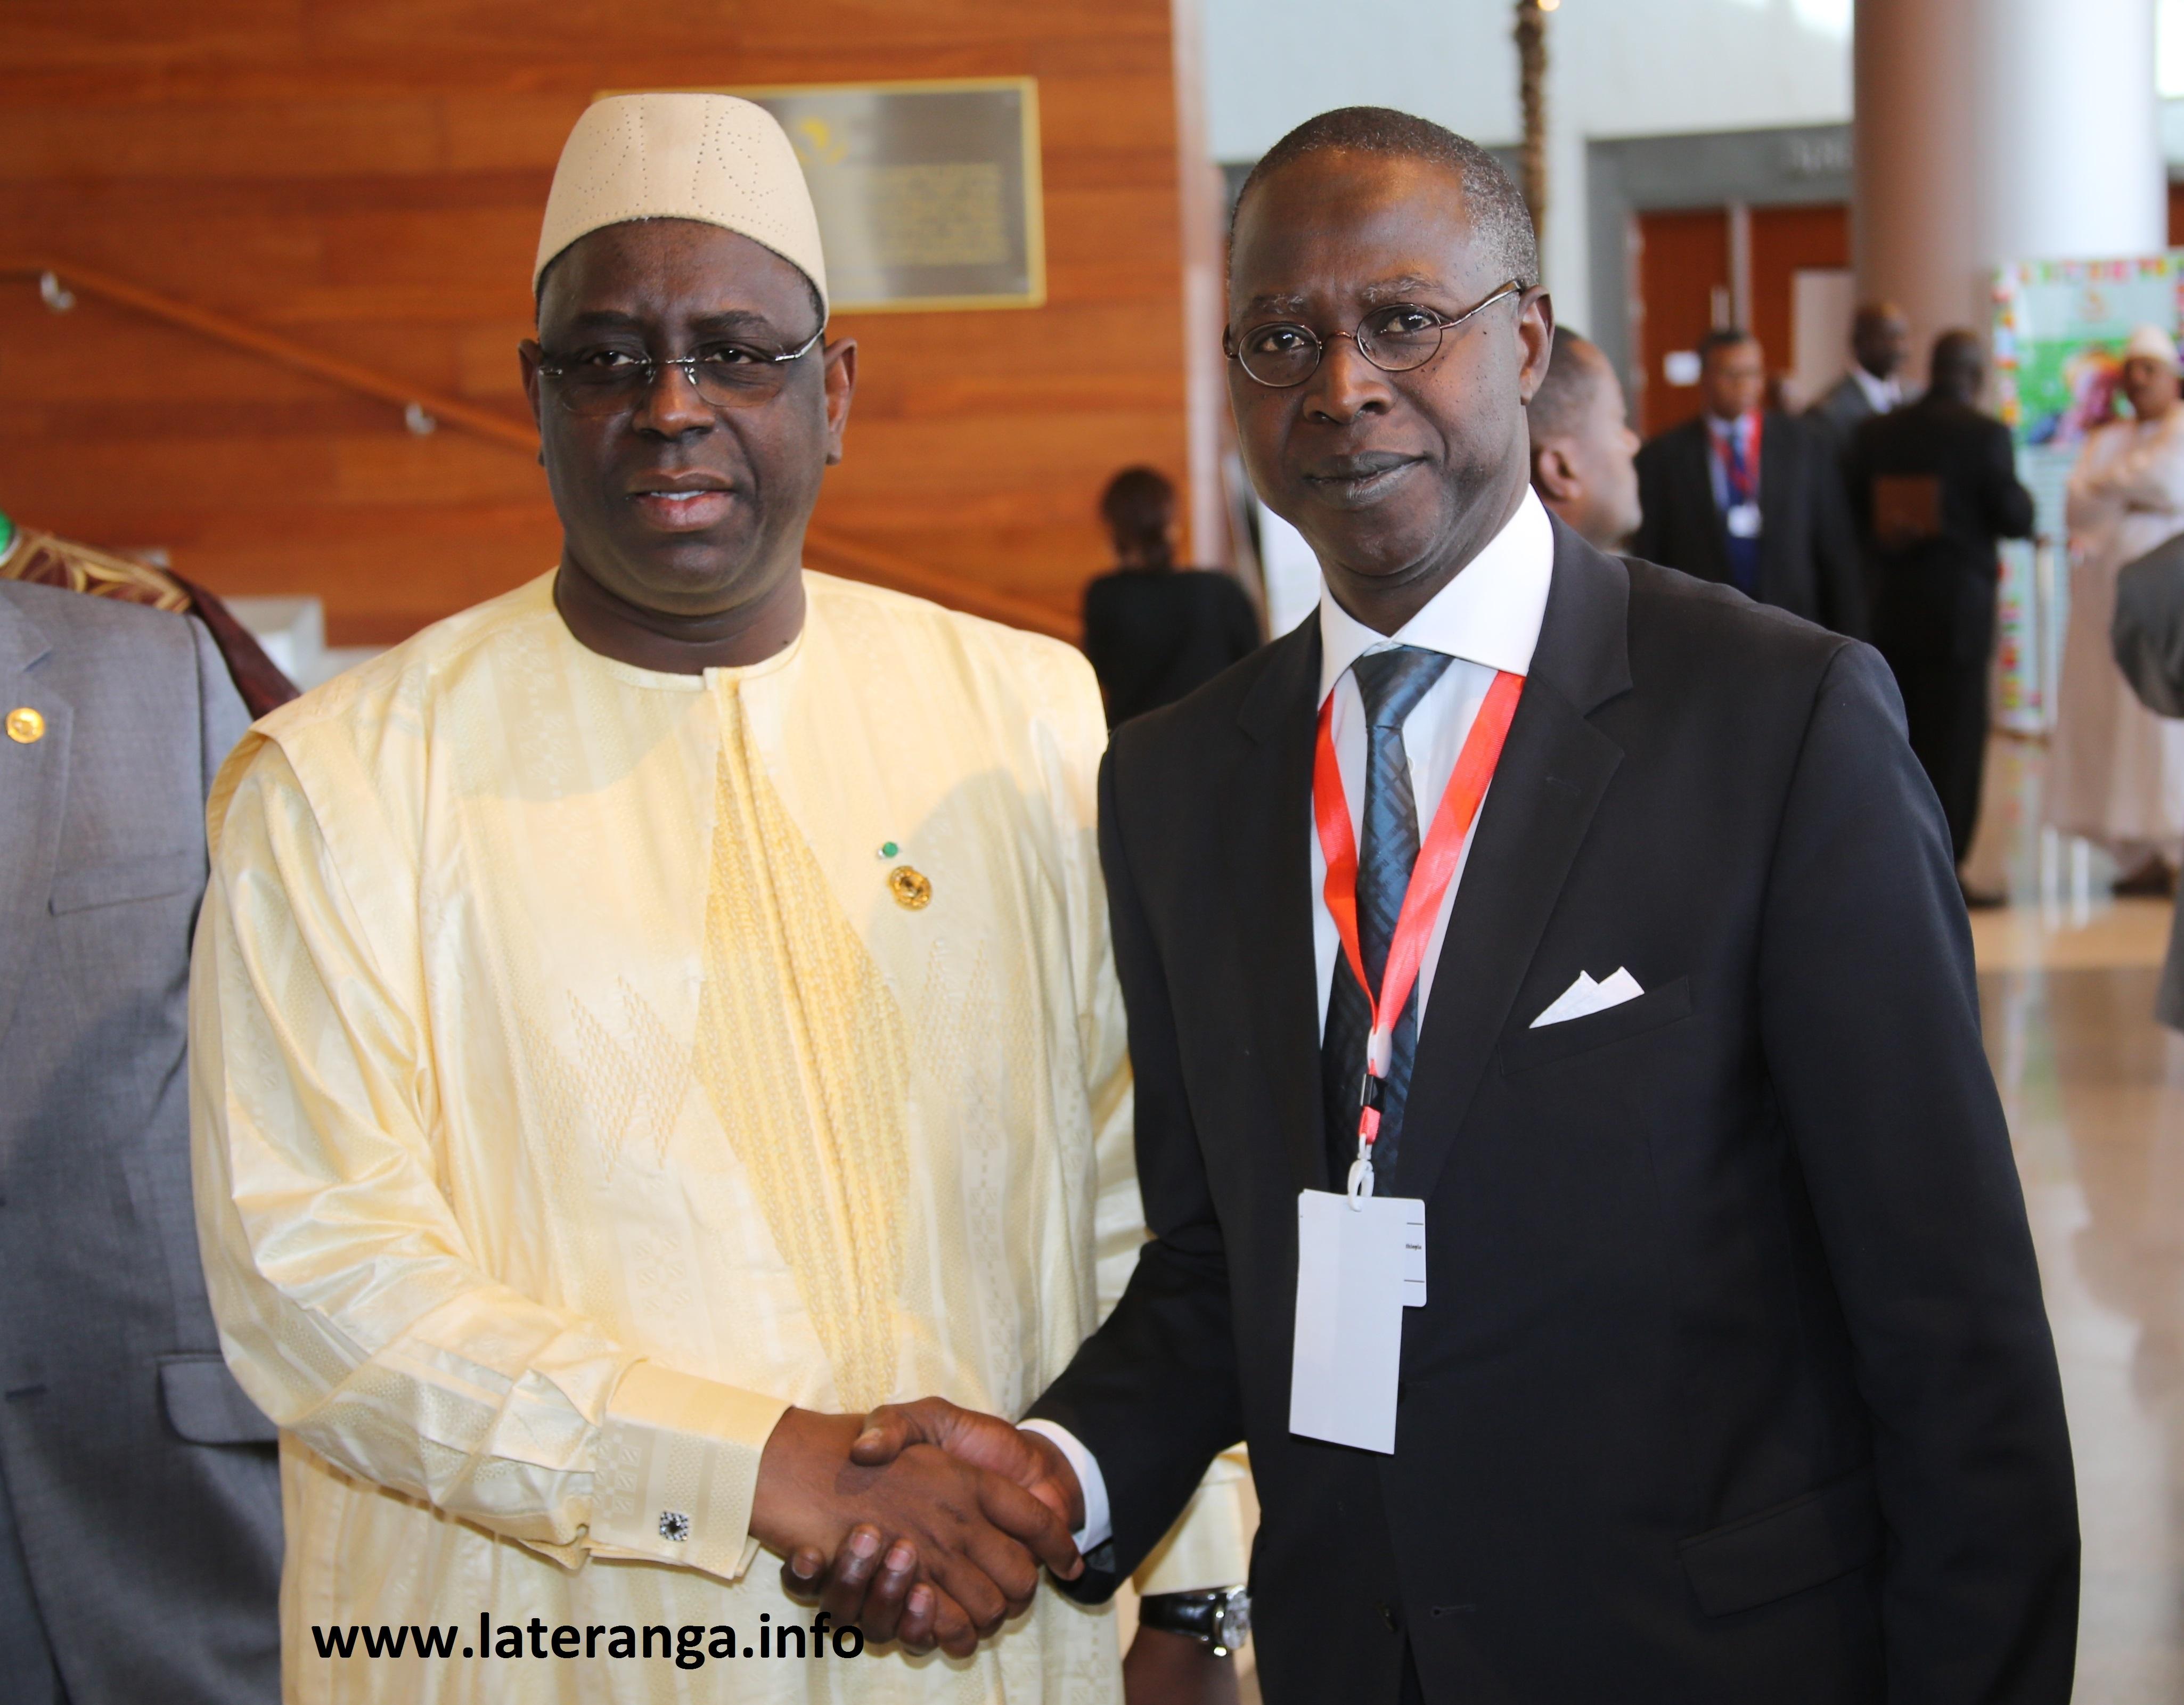 """Le 4ème sommet des Chefs d'Etat et de gouvernement d'Afrique et du Monde Arabe, prévu lundi à Malabo en Guinée Equatoriale, aura comme thème :""""Ensemble pour le développement durable et la coopération économique""""."""